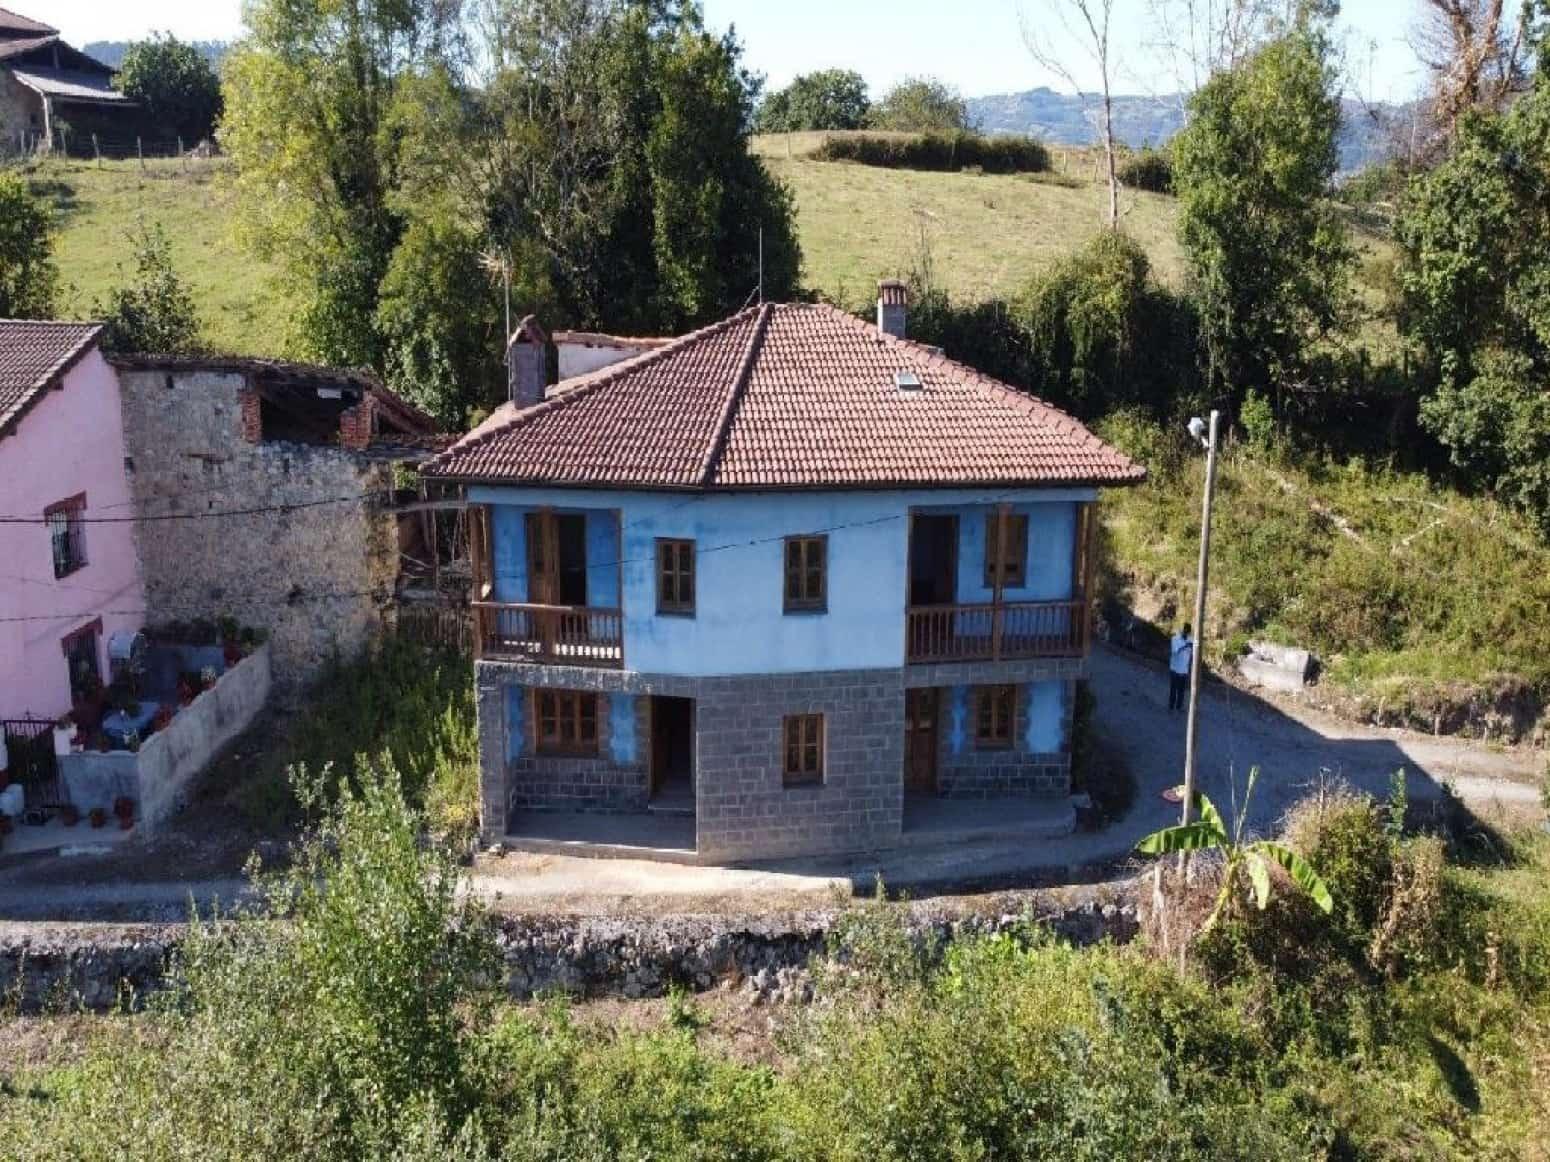 3 sypialnia Dom szeregowy na sprzedaż w Infiesto - 77 000 € (Ref: 5413922)